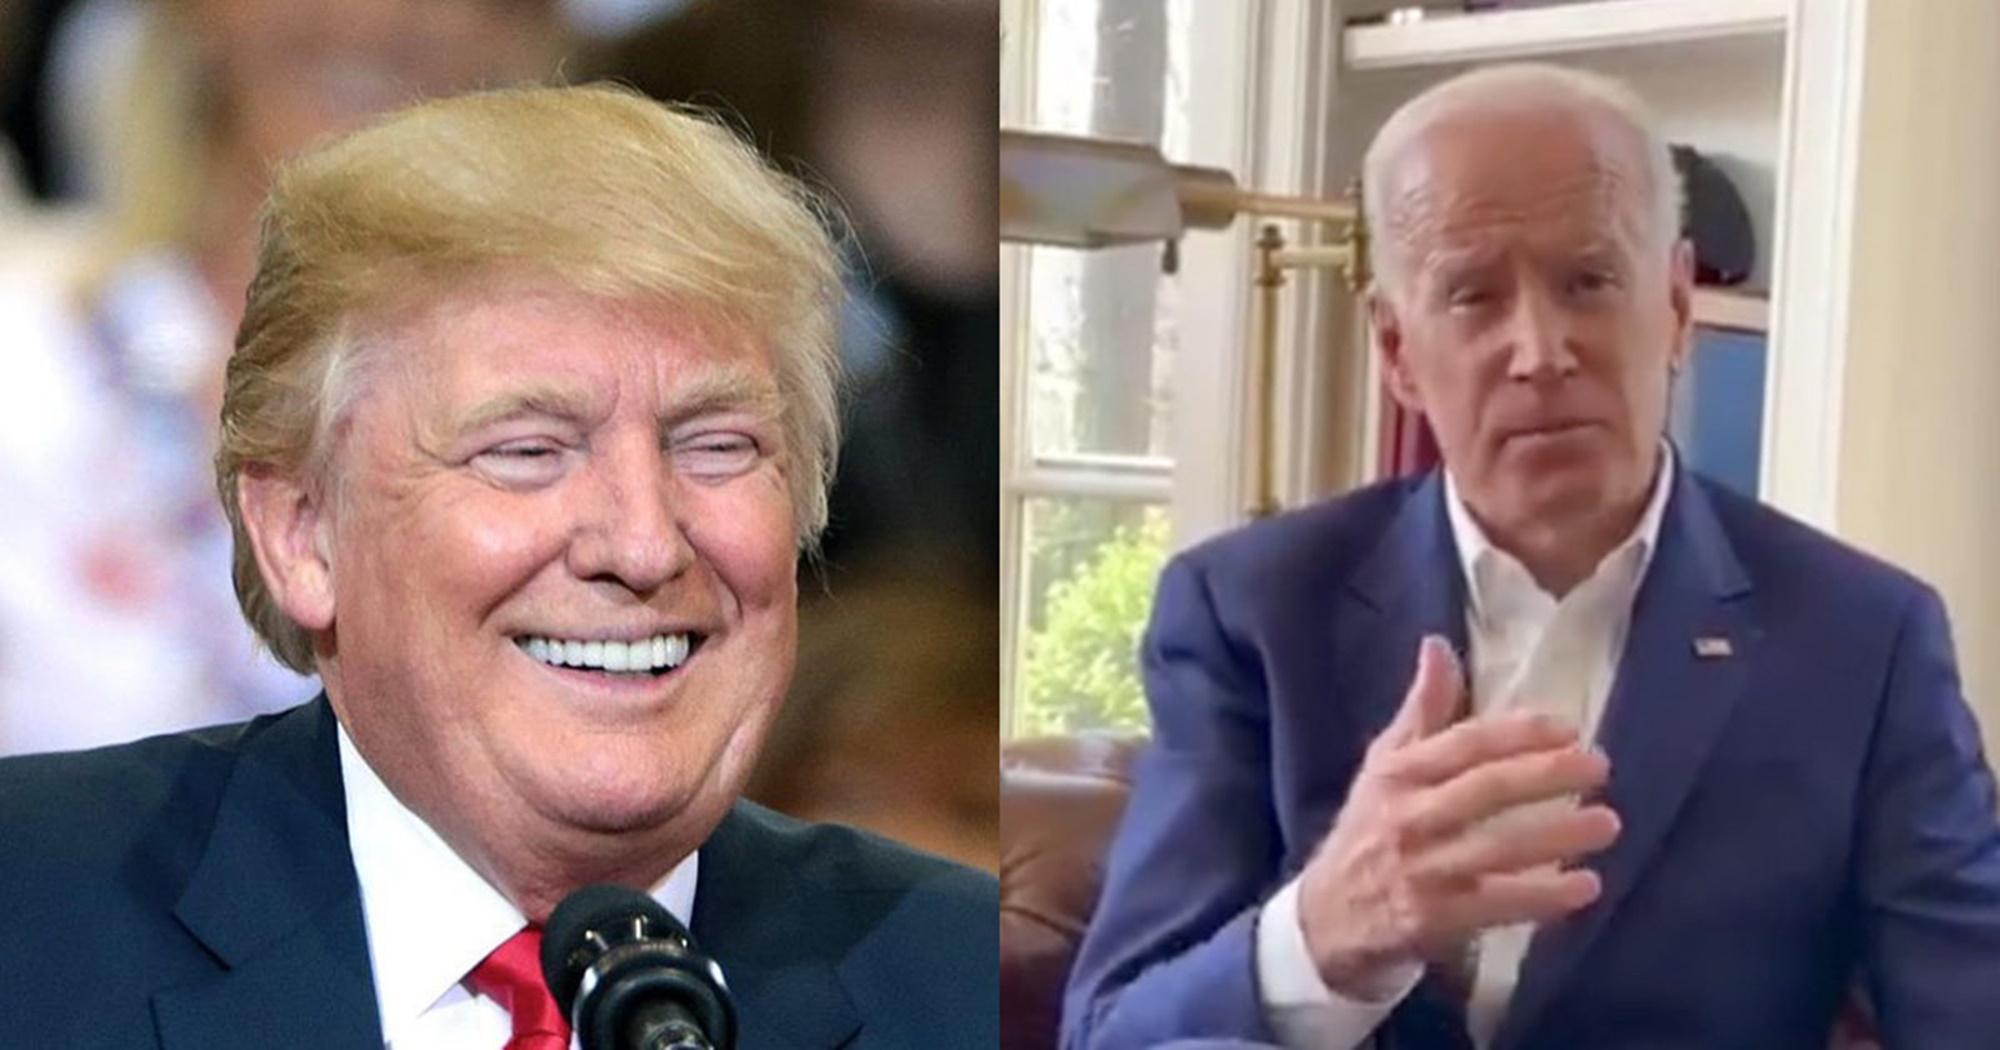 Donald Trump Joe Biden Meme